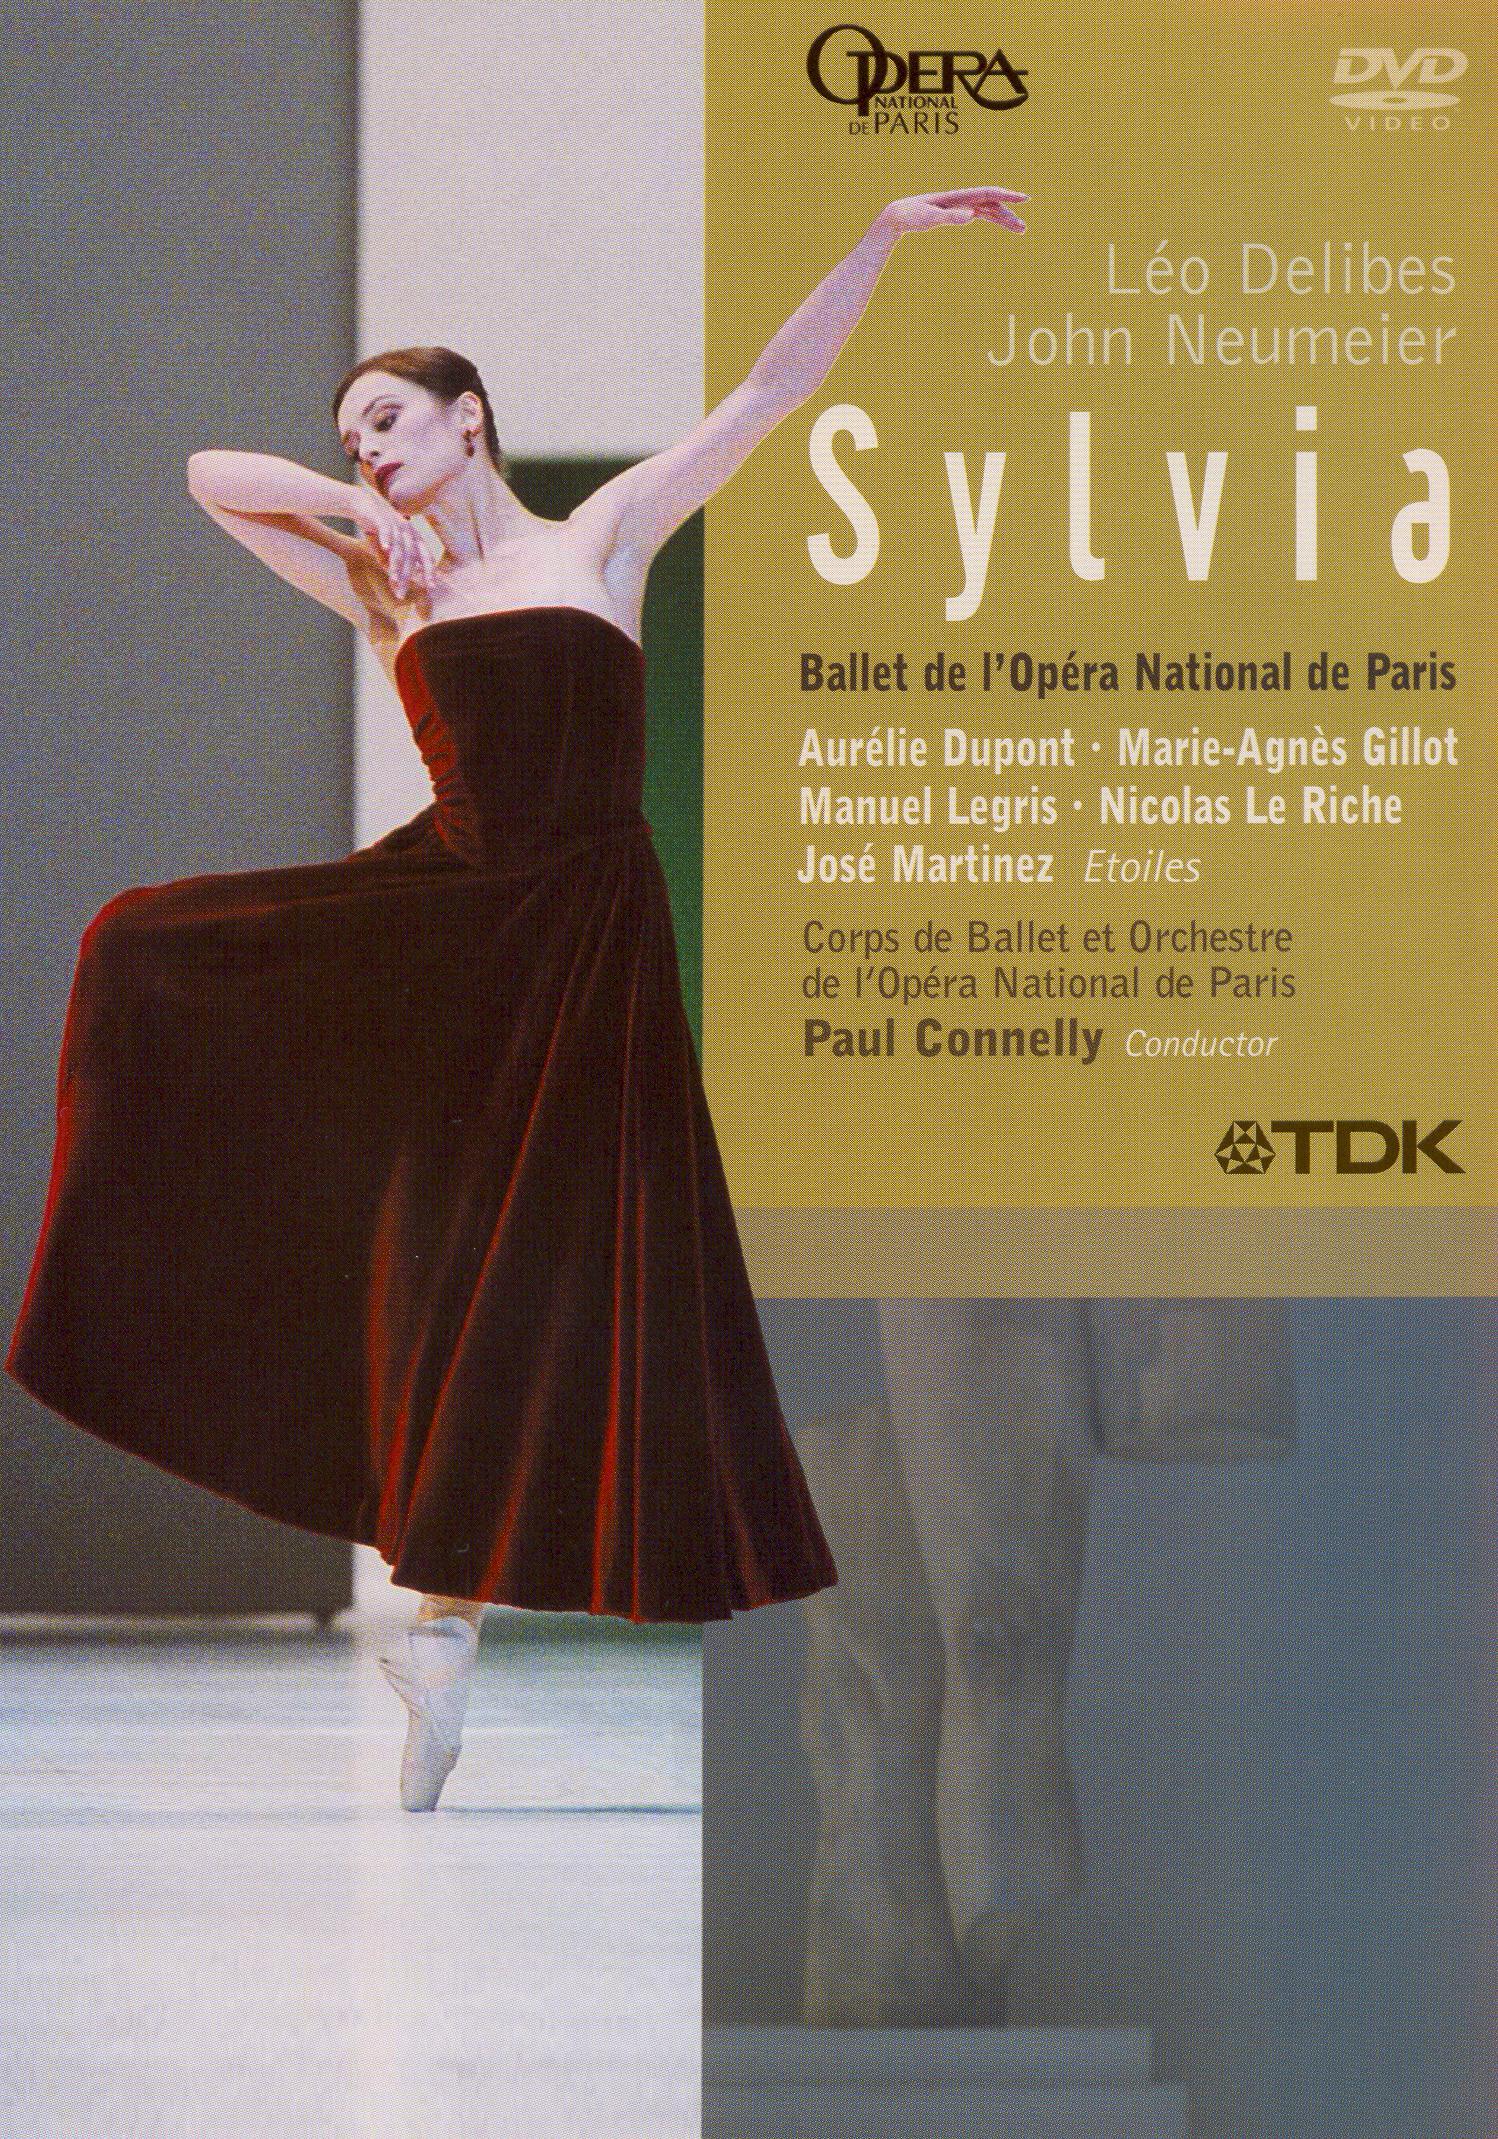 Sylvia (Ballet de l'Opera National de Paris)